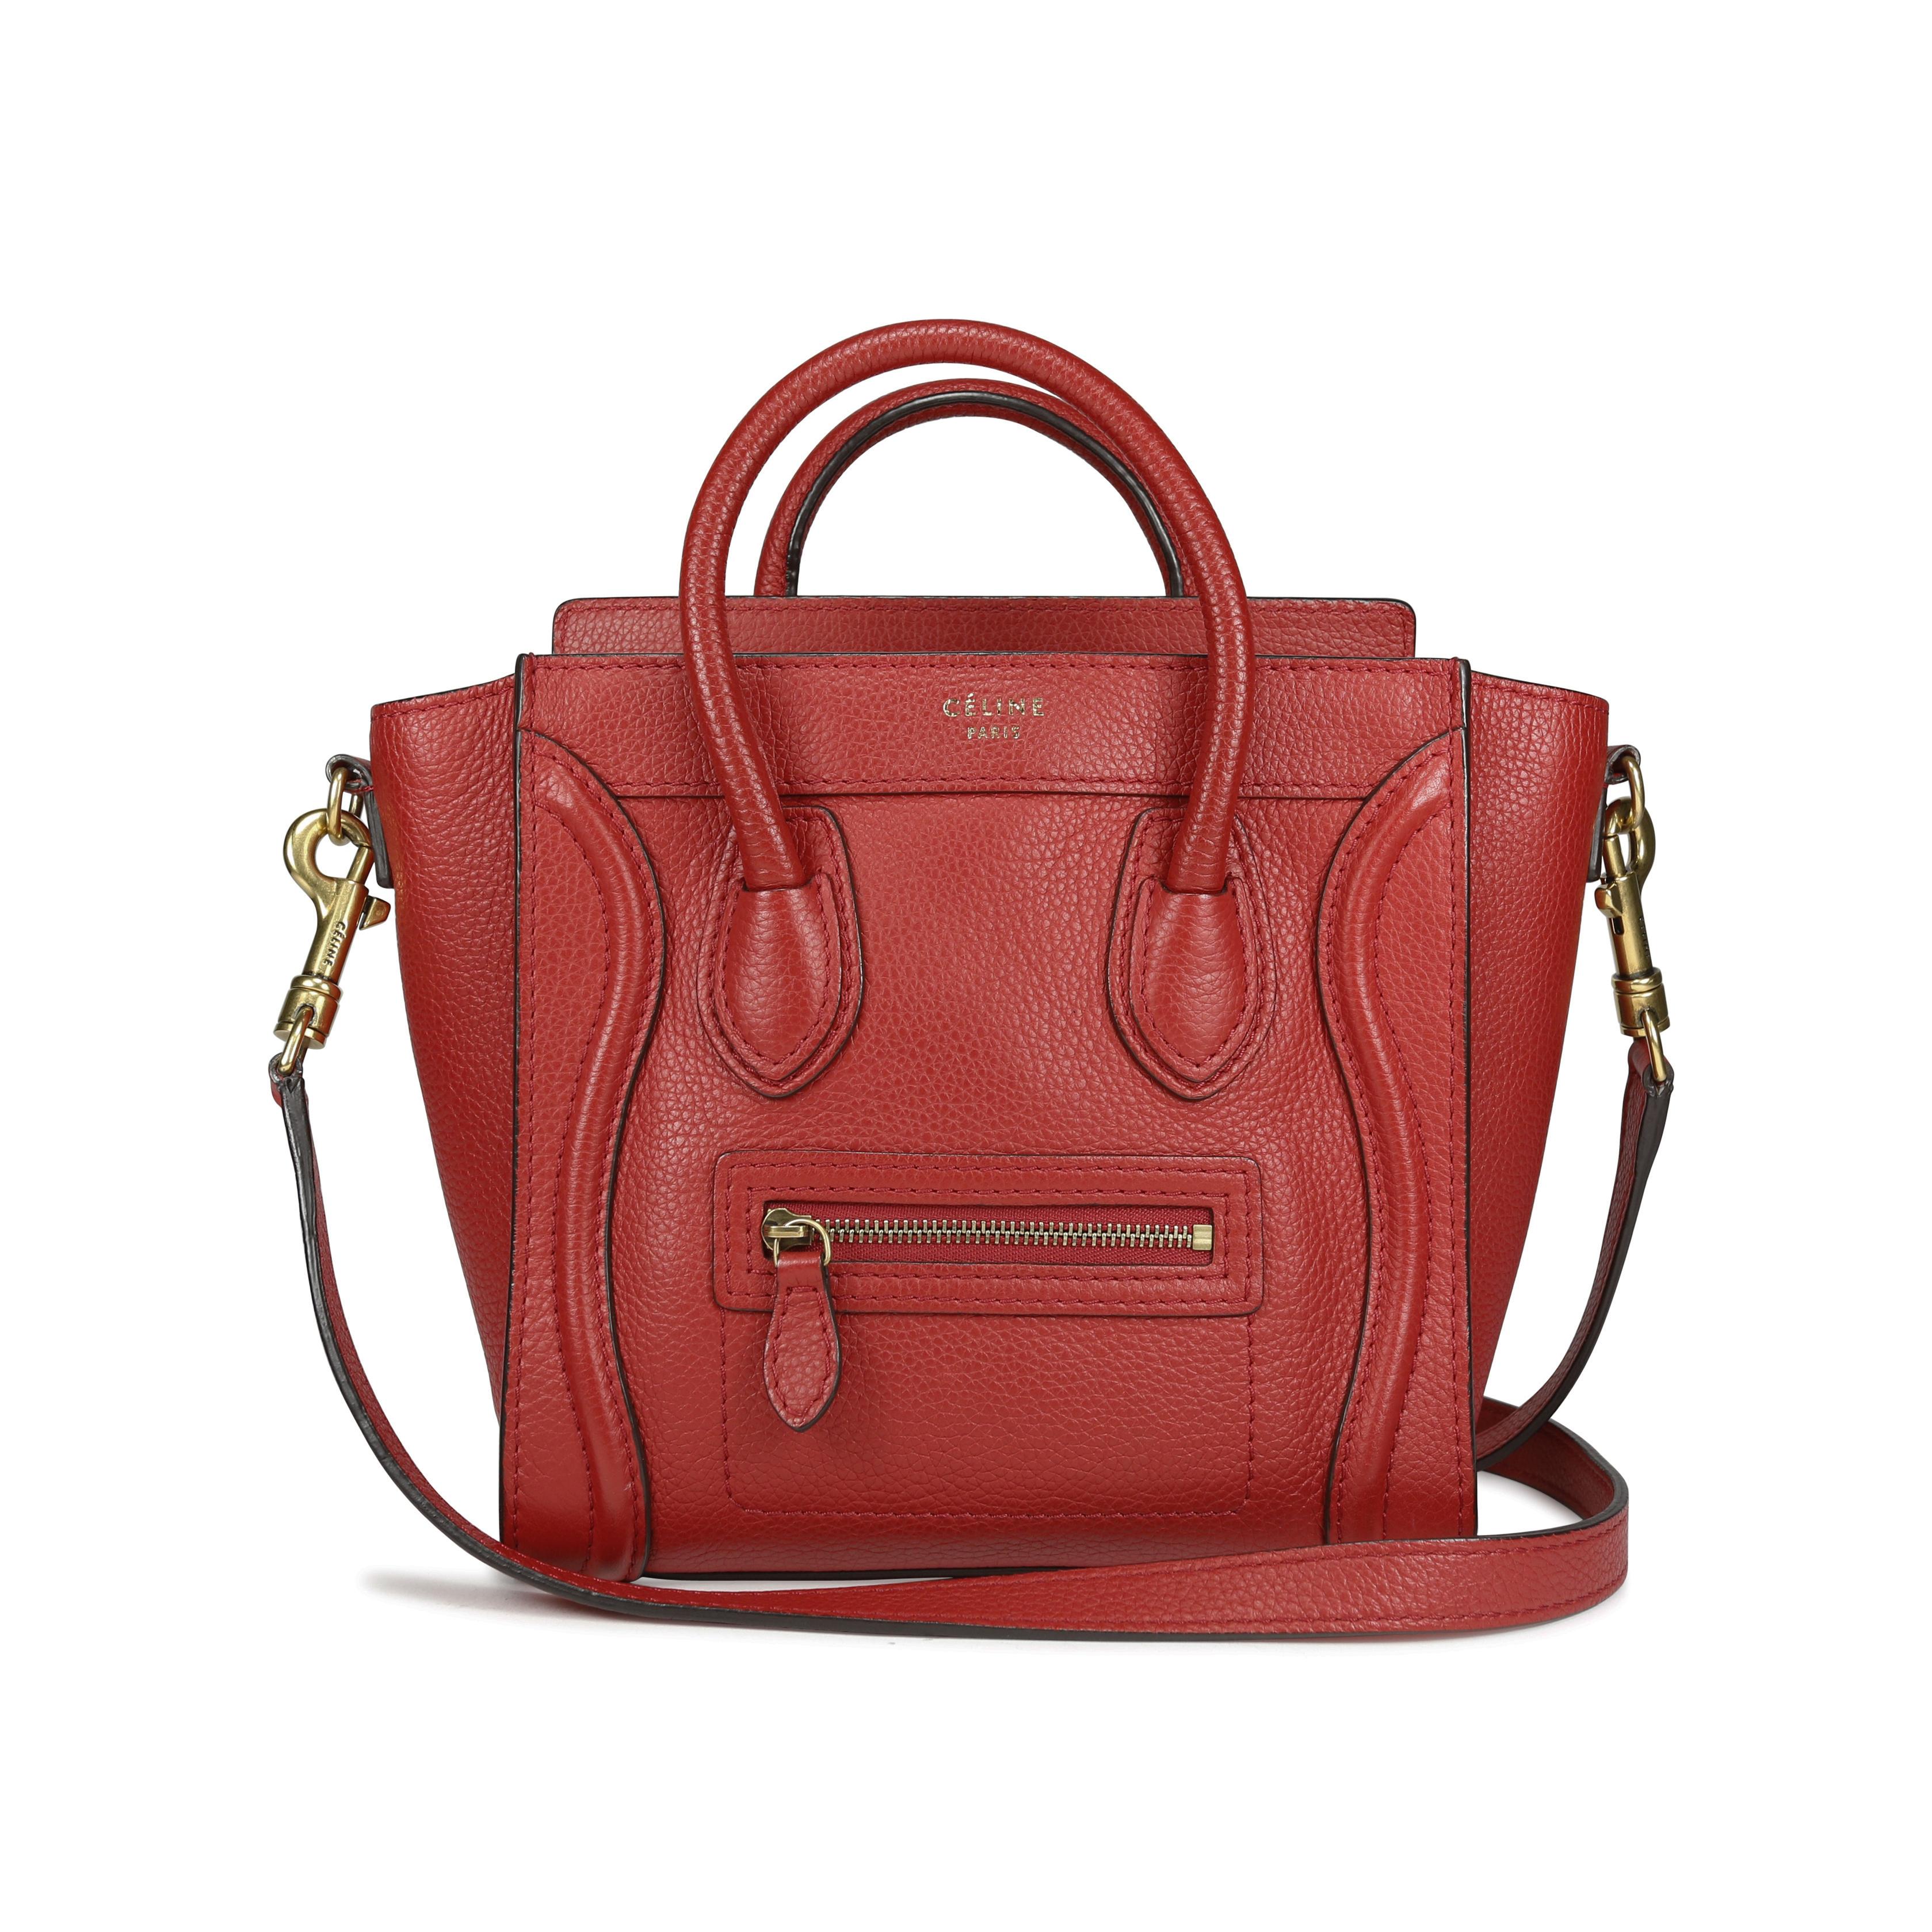 e02e447e9e54 Authentic Second Hand Céline Nano Luggage Bag (PSS-196-00002)